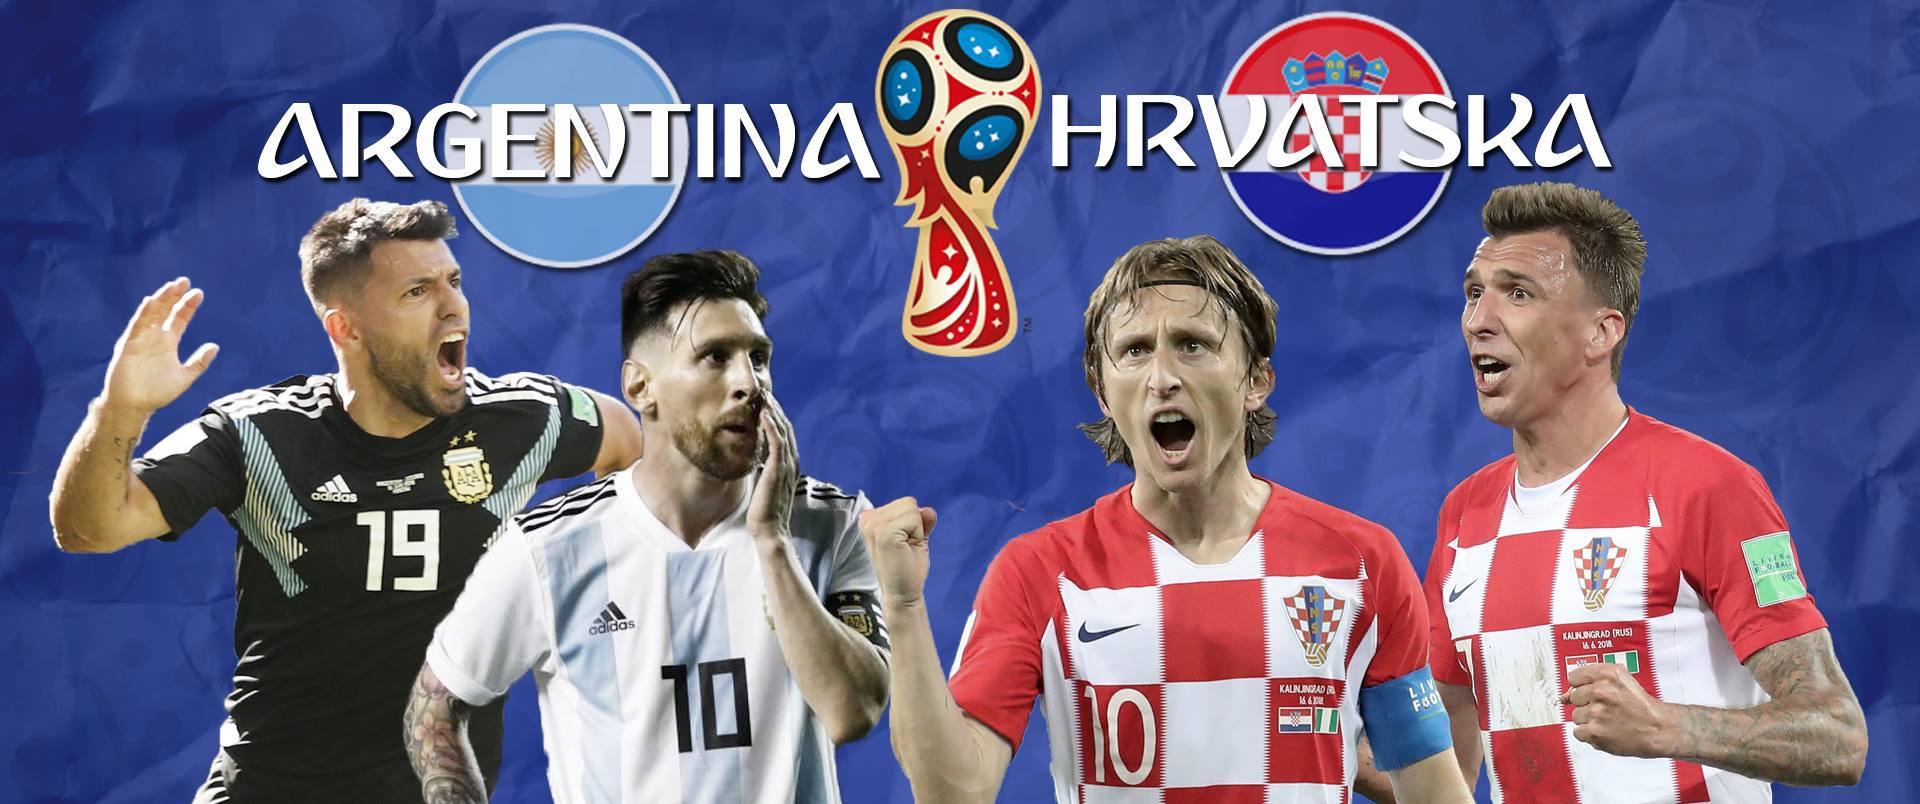 ARGENTINA – HRVATSKA 0:3 Rakitić zabio za potpuni potop Argentine, Hrvatska u osmini finala